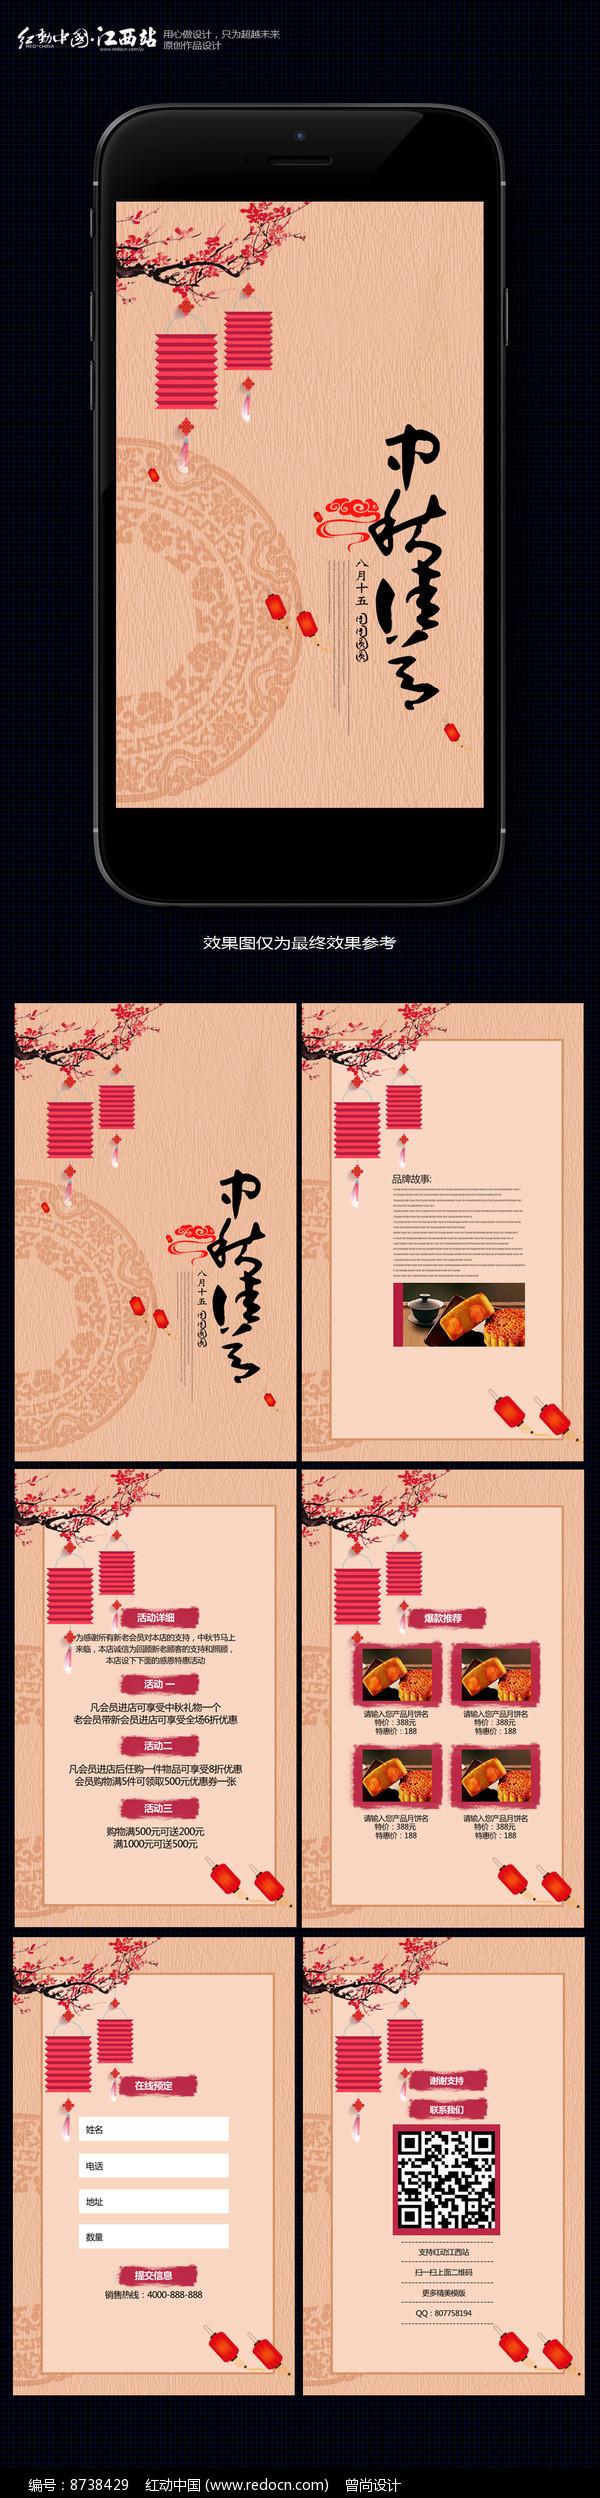 中秋节月饼促销H5移动端广告图片